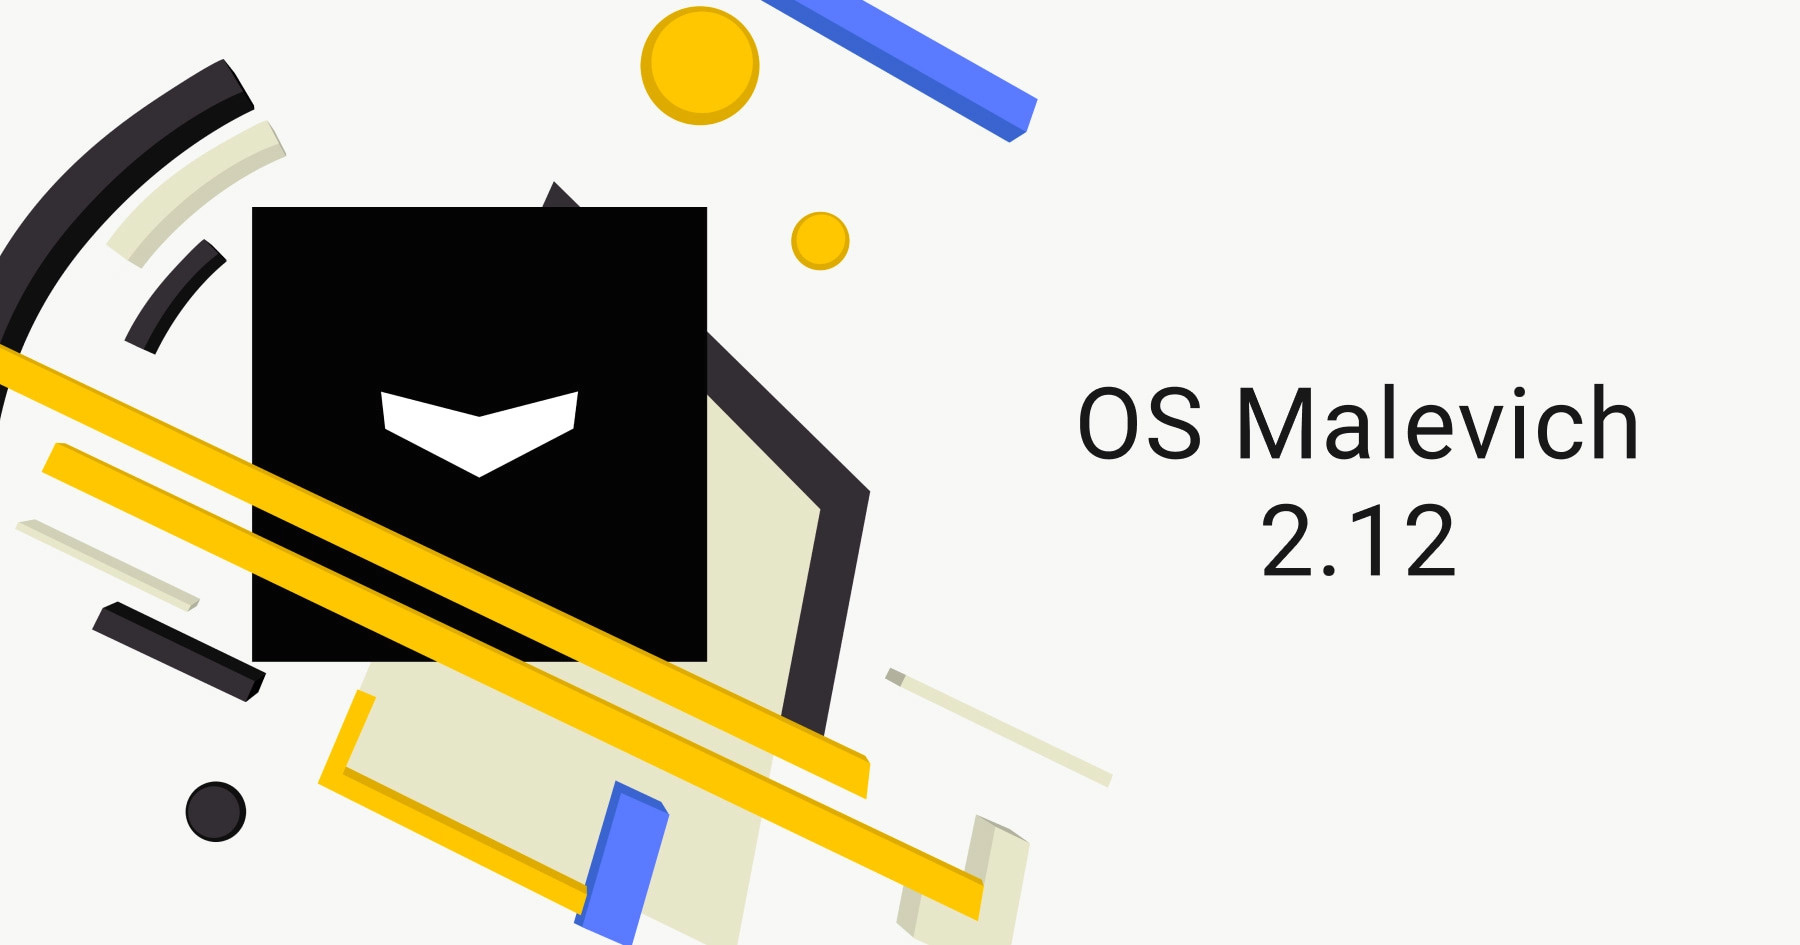 OS Malevich 2.12: volledige controle over de communicatie van de hub en nog meer functies voor Ajax-sirenes